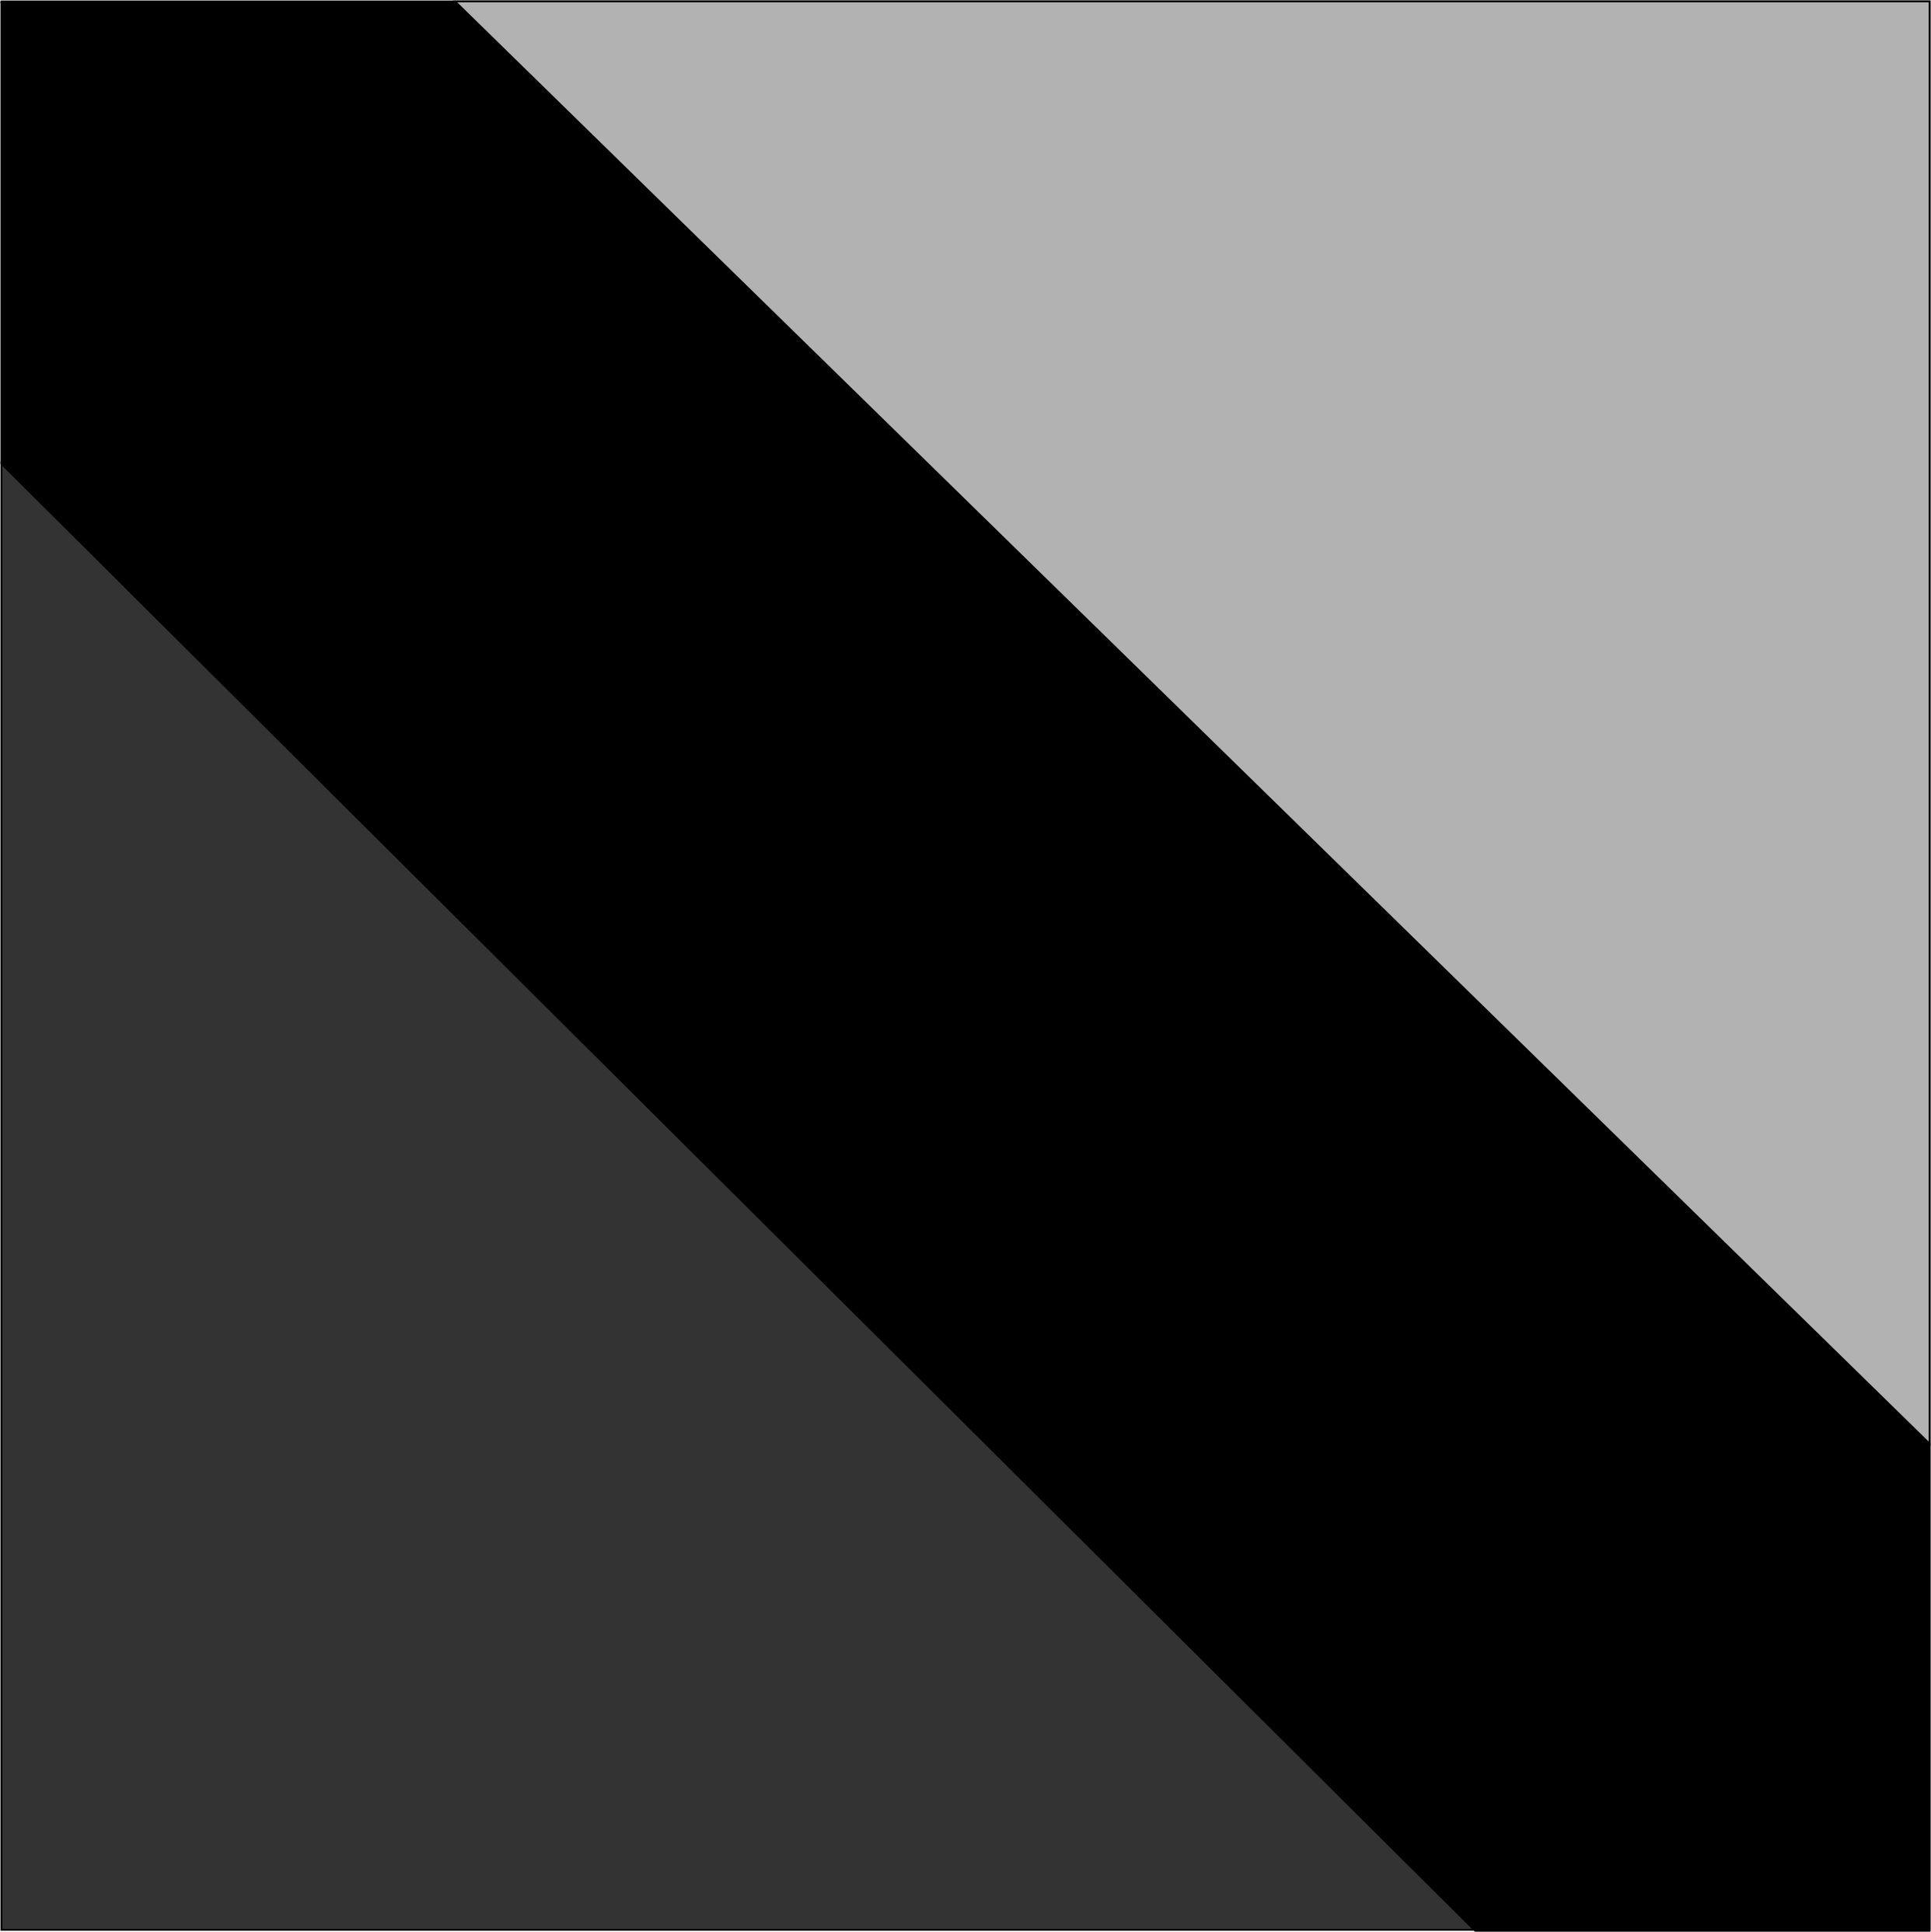 szary/czarny/jasnoszary